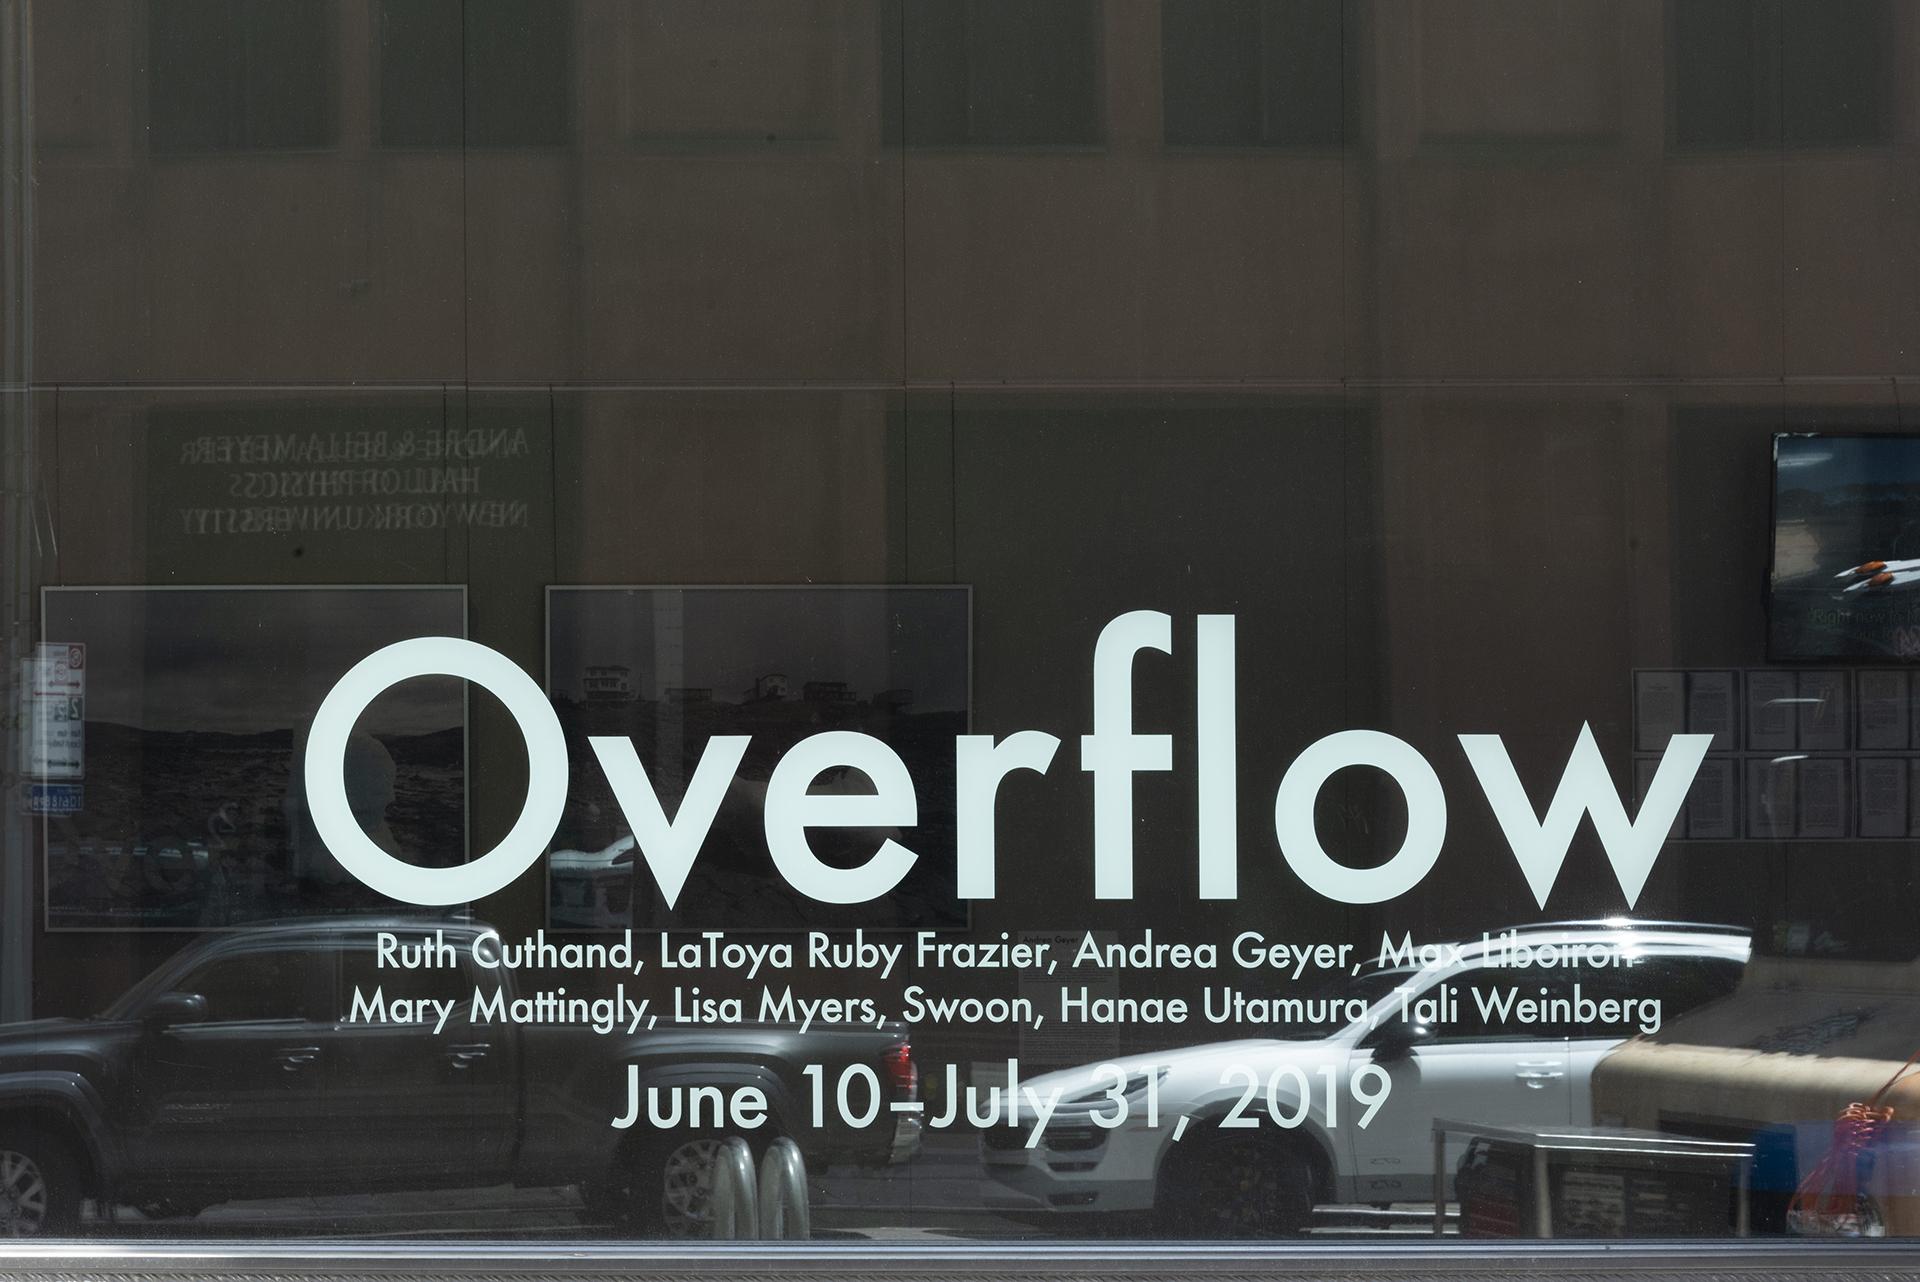 Overflow (exhibition) - NYU Gallatin Galleries, June 10-July 31, 2019